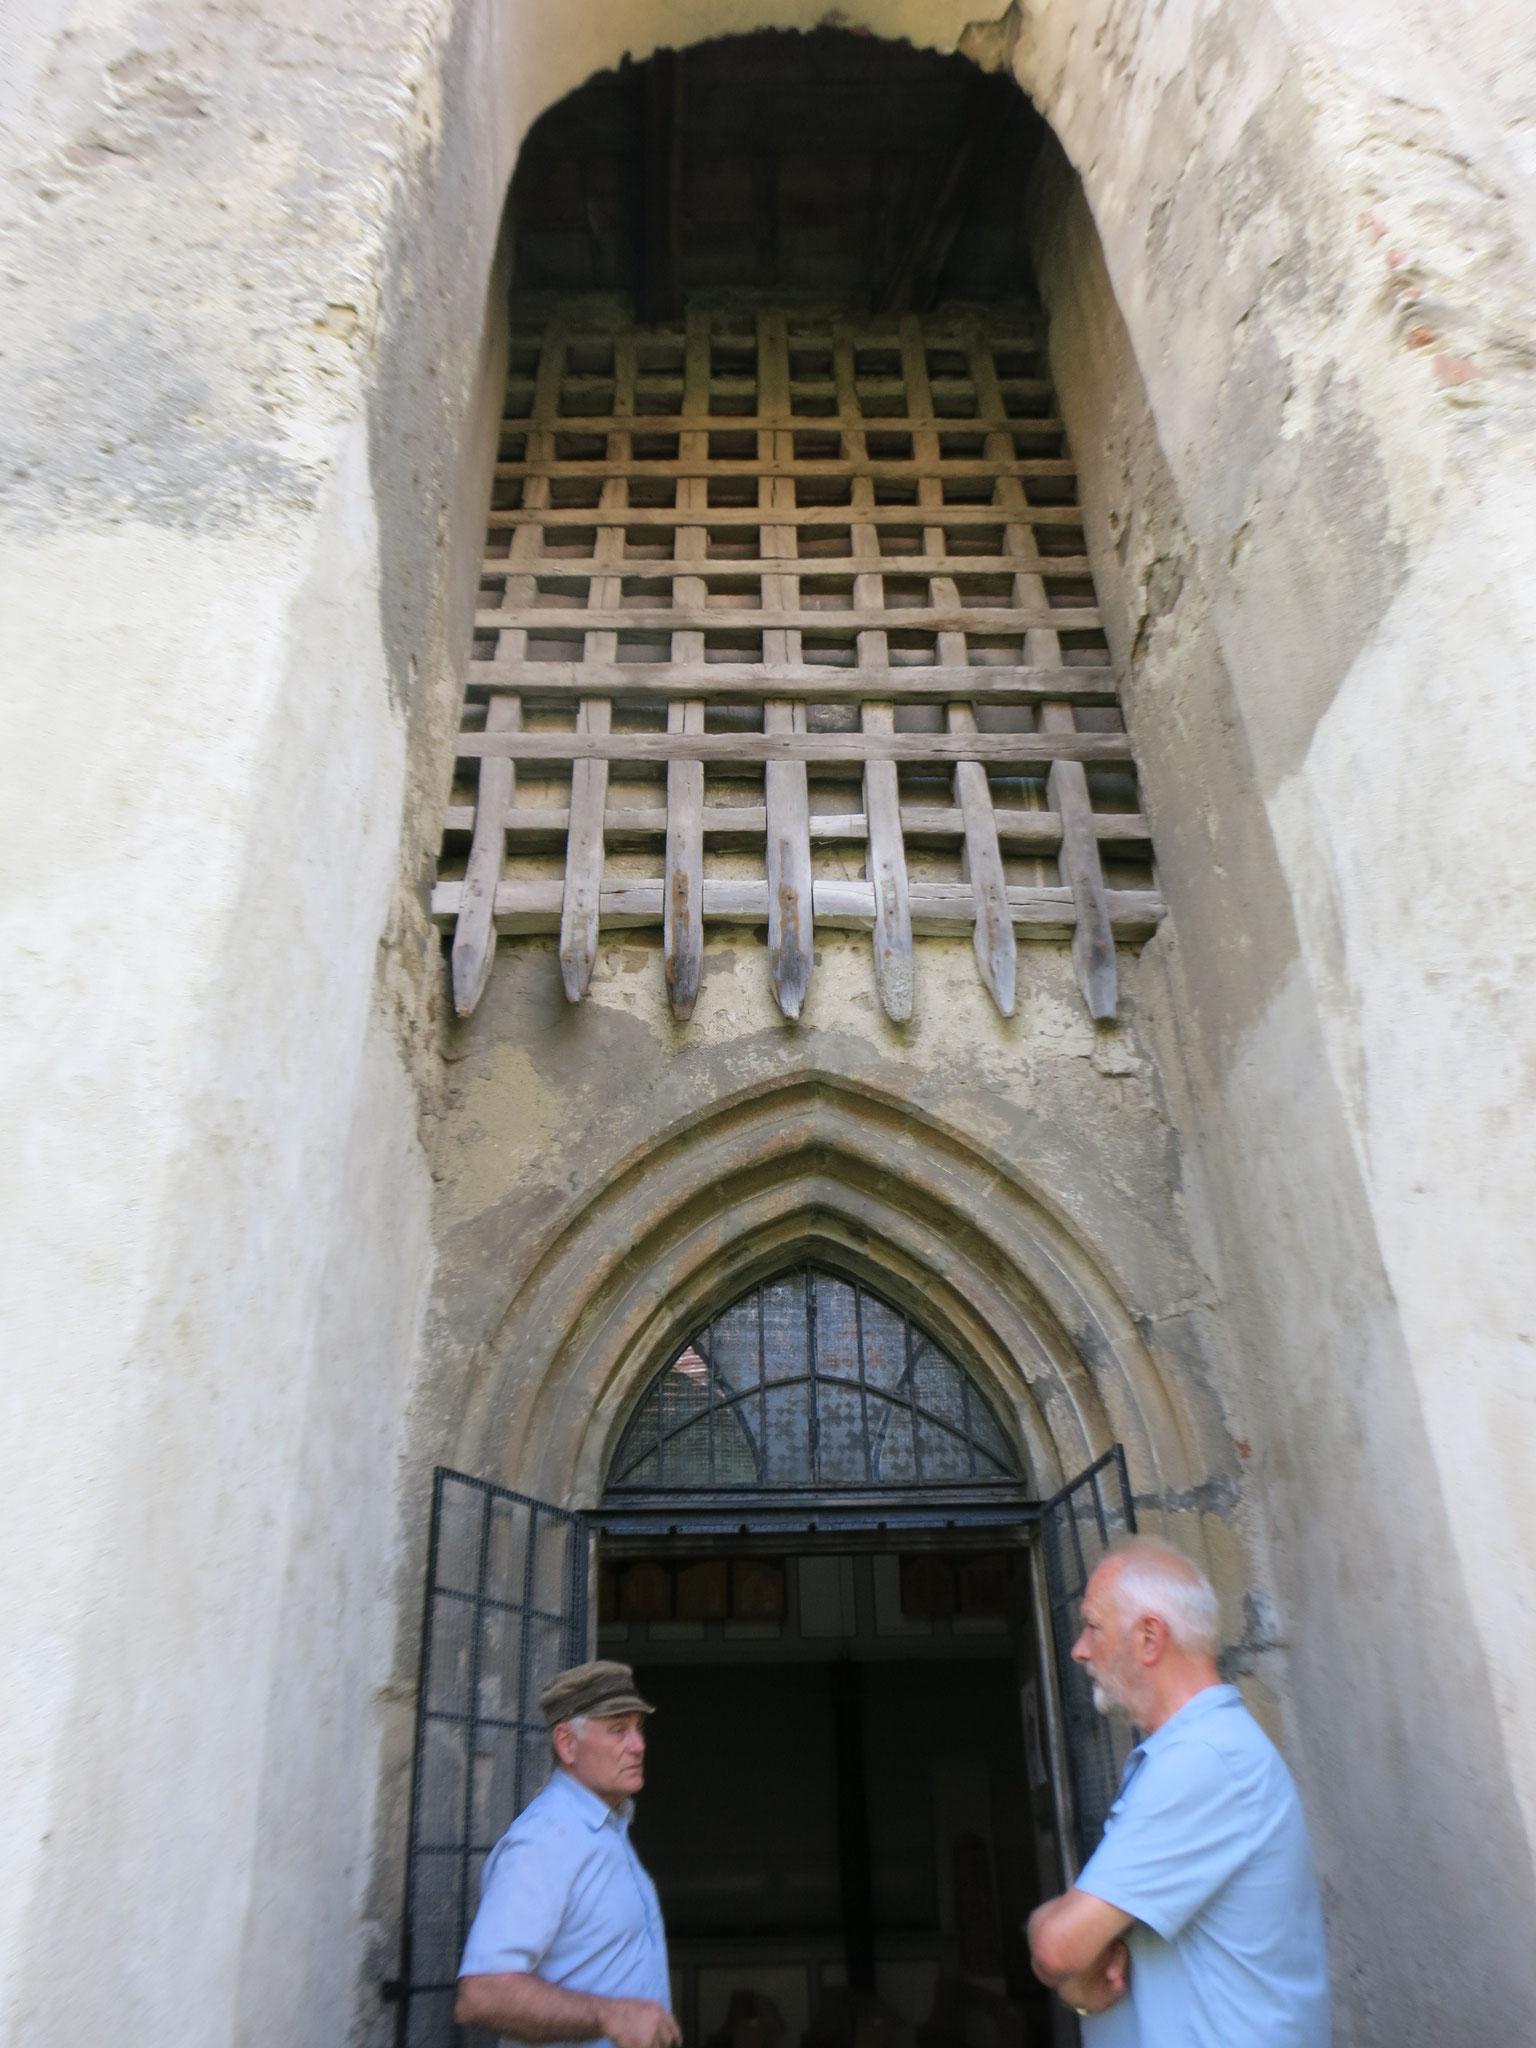 Willi con el Sr. Weber que nos explica como se bajaba la verja de protección de la entrada de la iglesia Valea Viilor